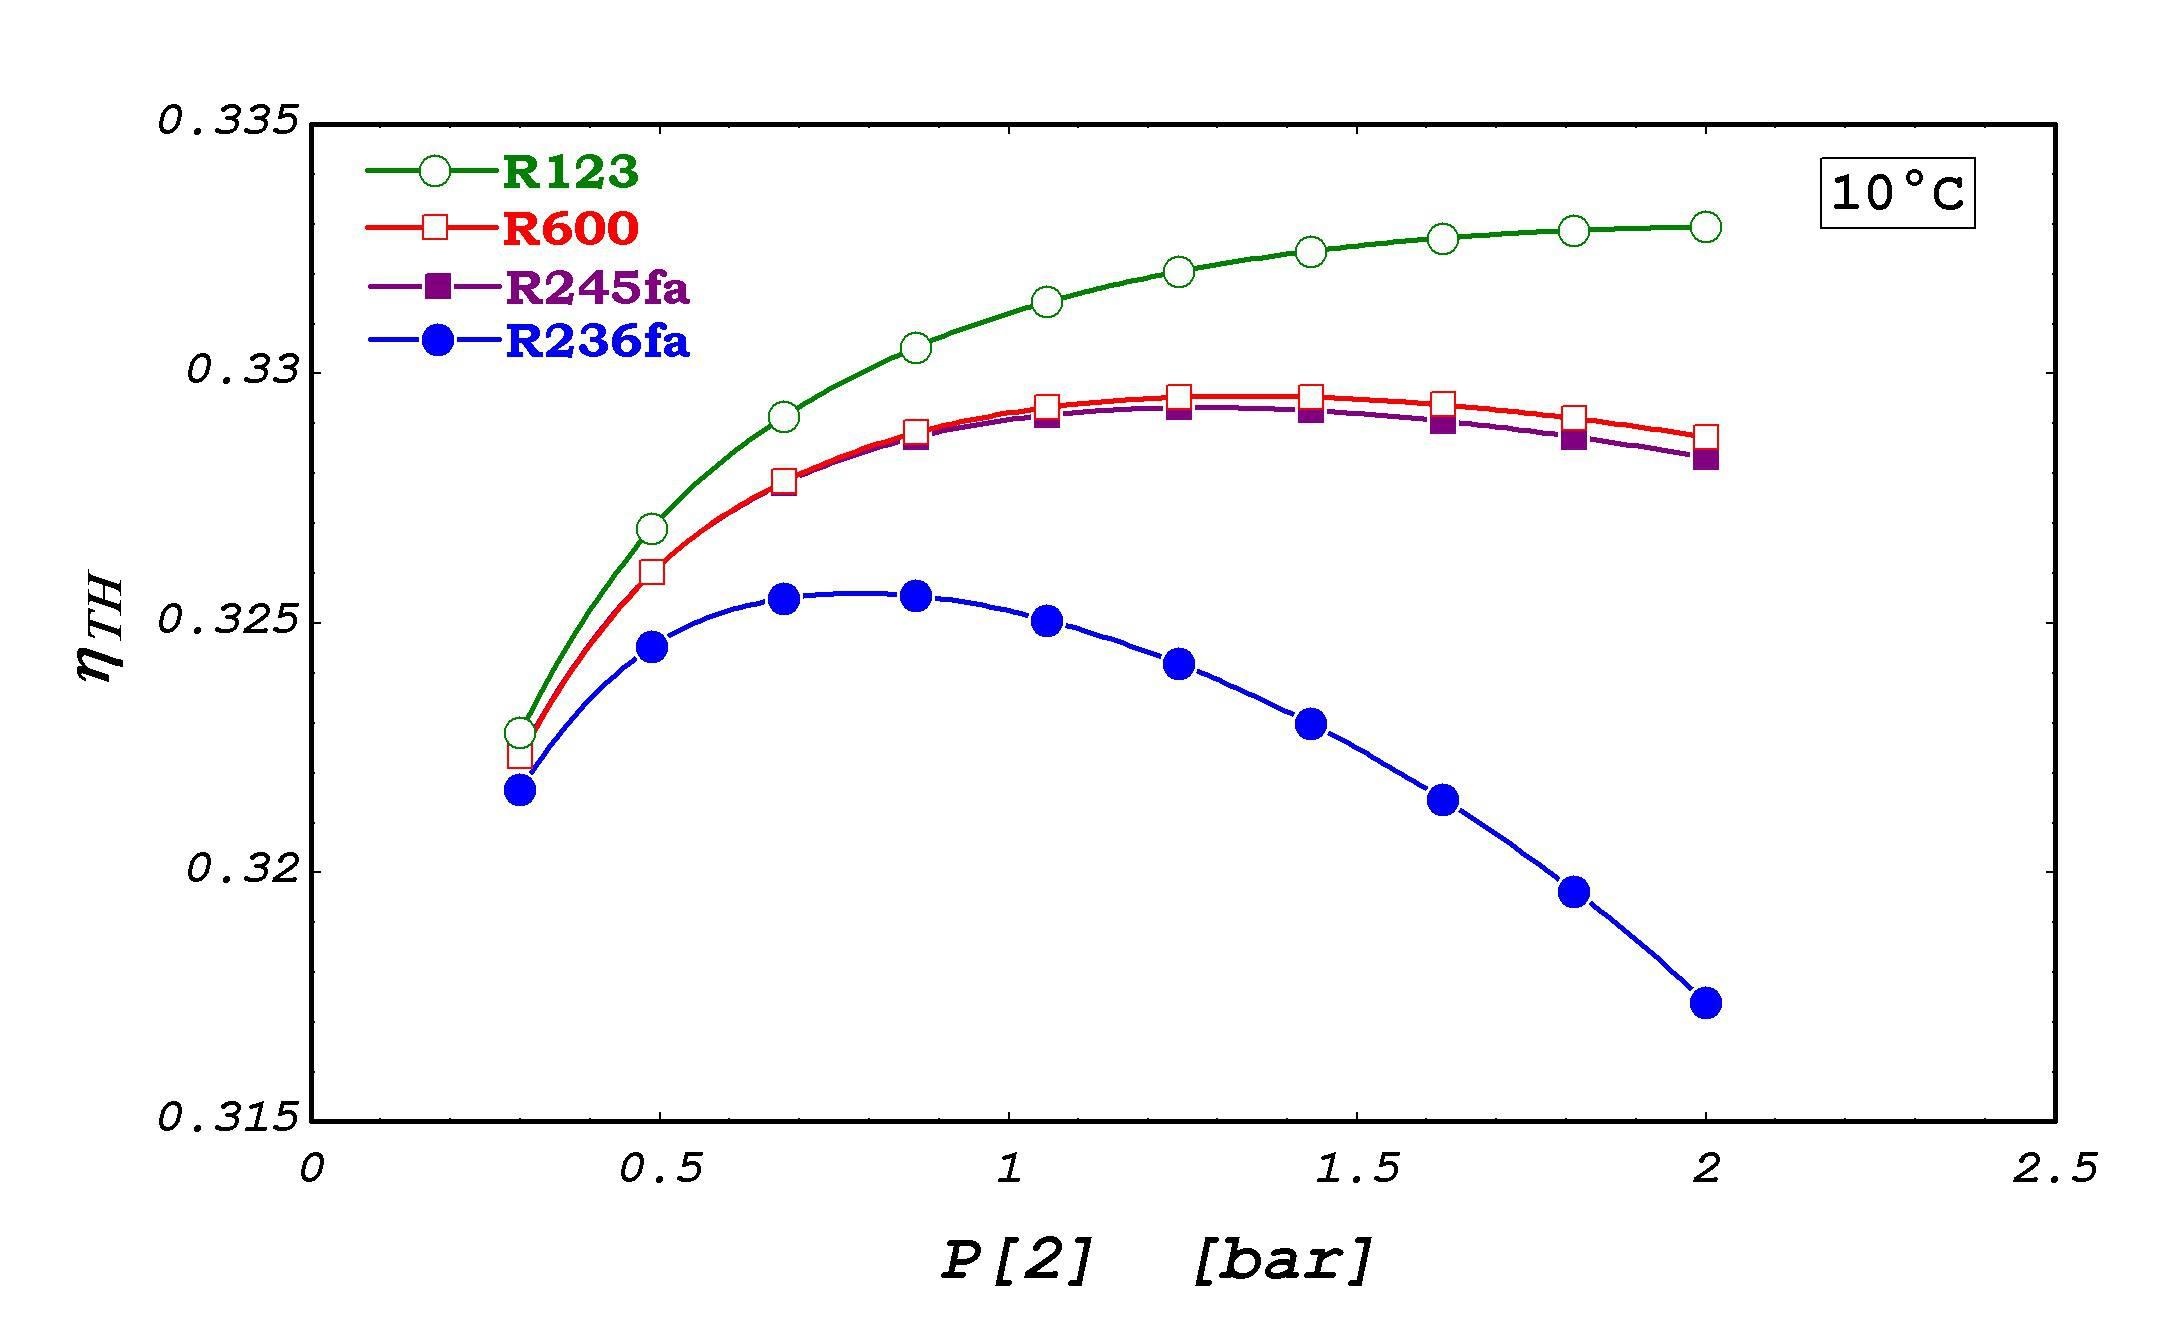 تحلیل انرژی و اگزرژی سیکل رانکین دو مرحله ای با بازیاب با استفاده از نرم افزار EES